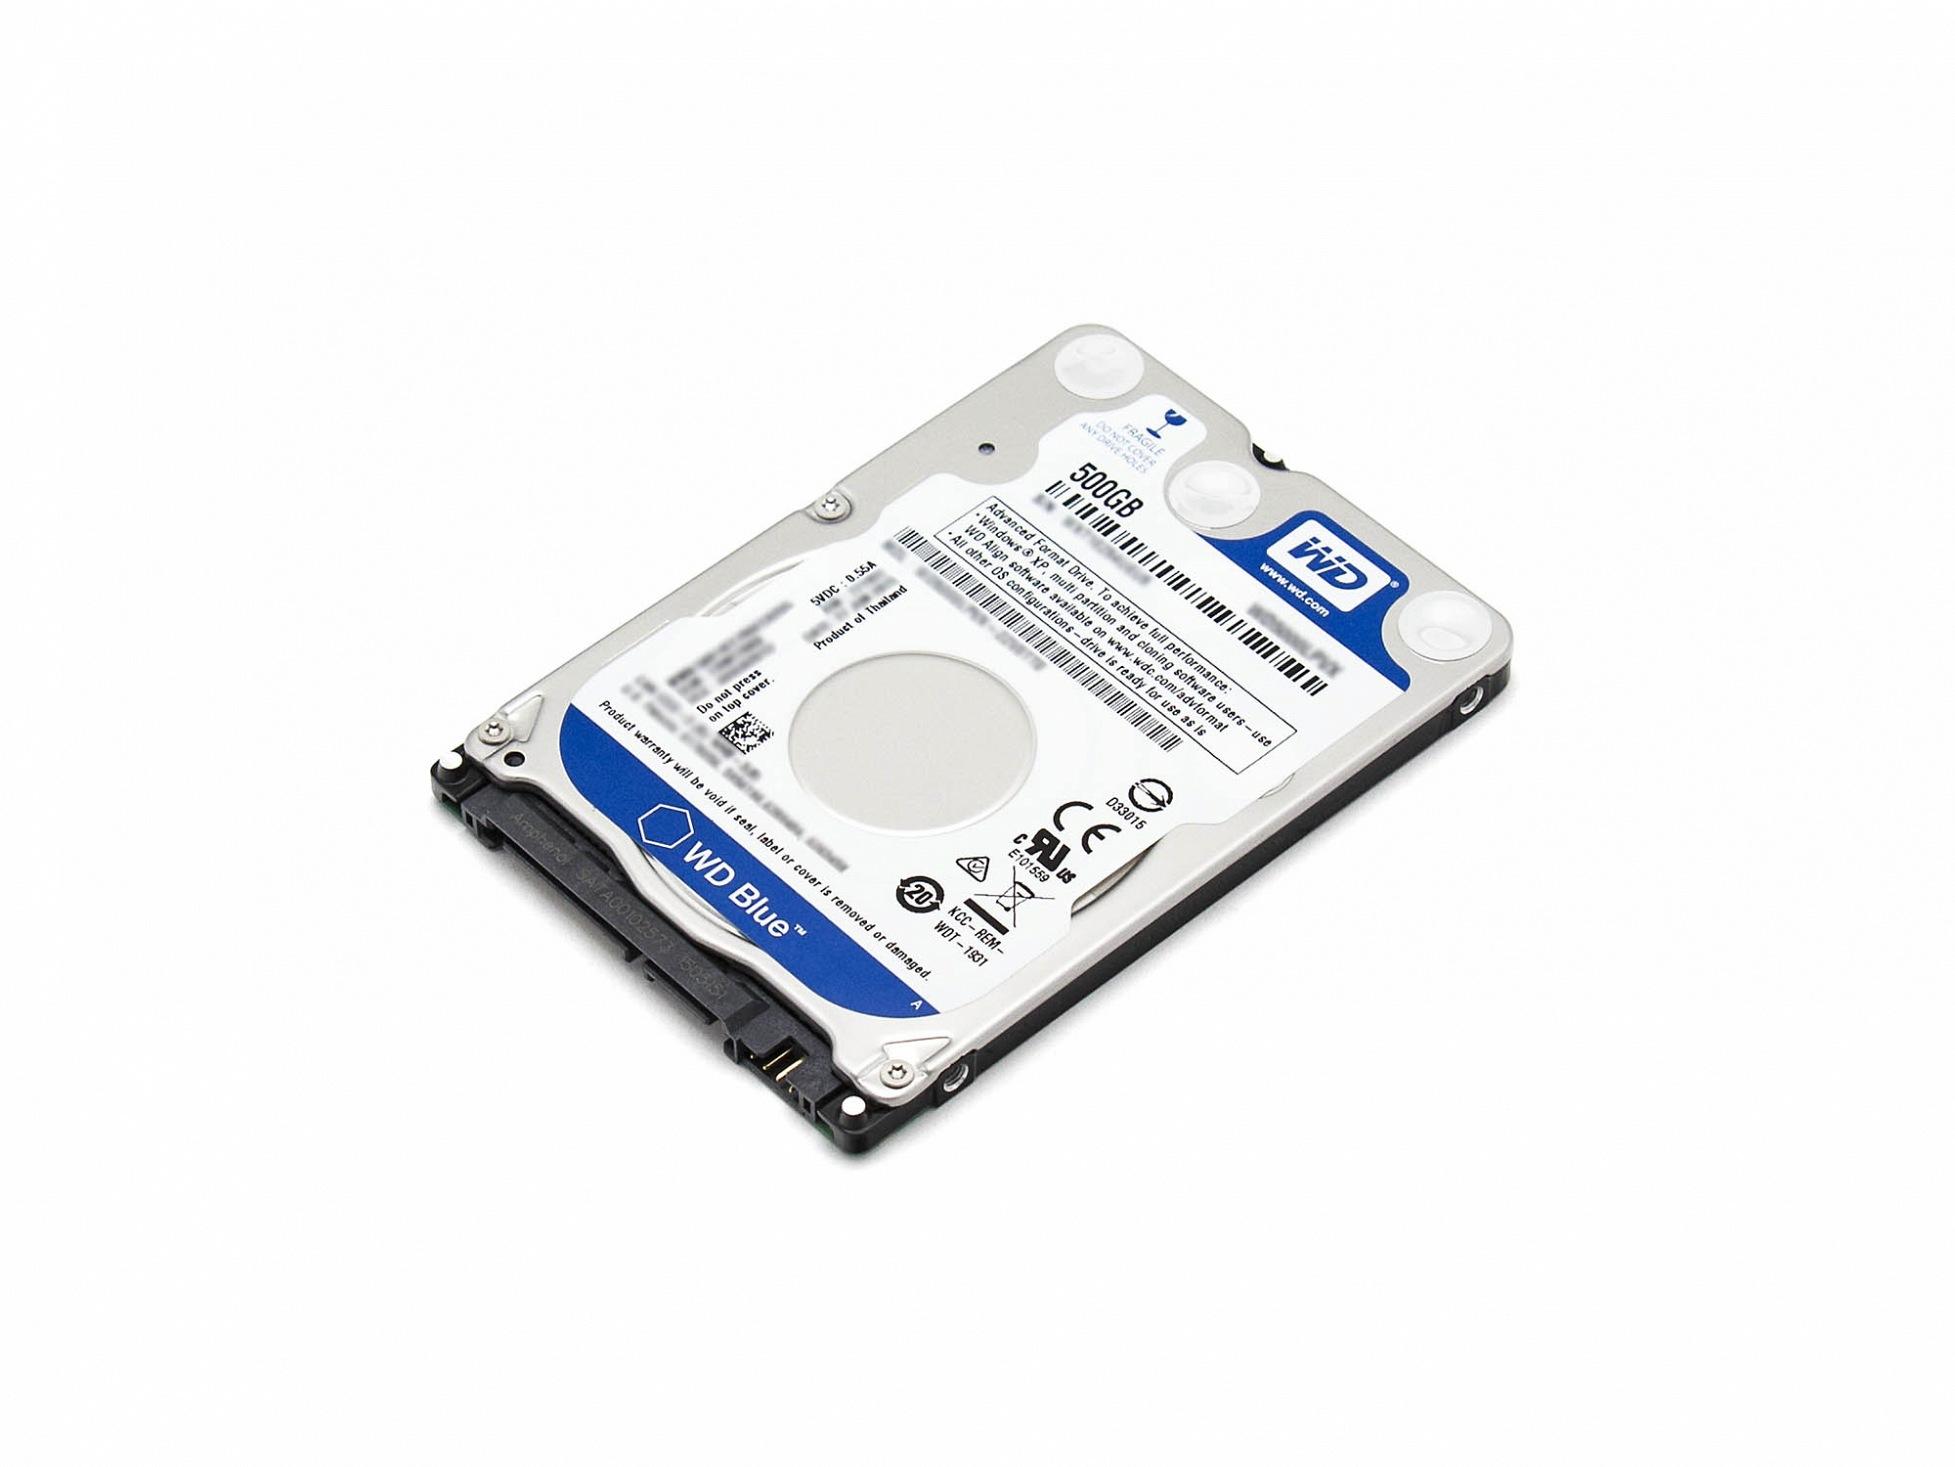 Fujitsu FUJ:CP170748-XX HDD Festplatte 500GB (2,5 Zoll / 6,4 cm)